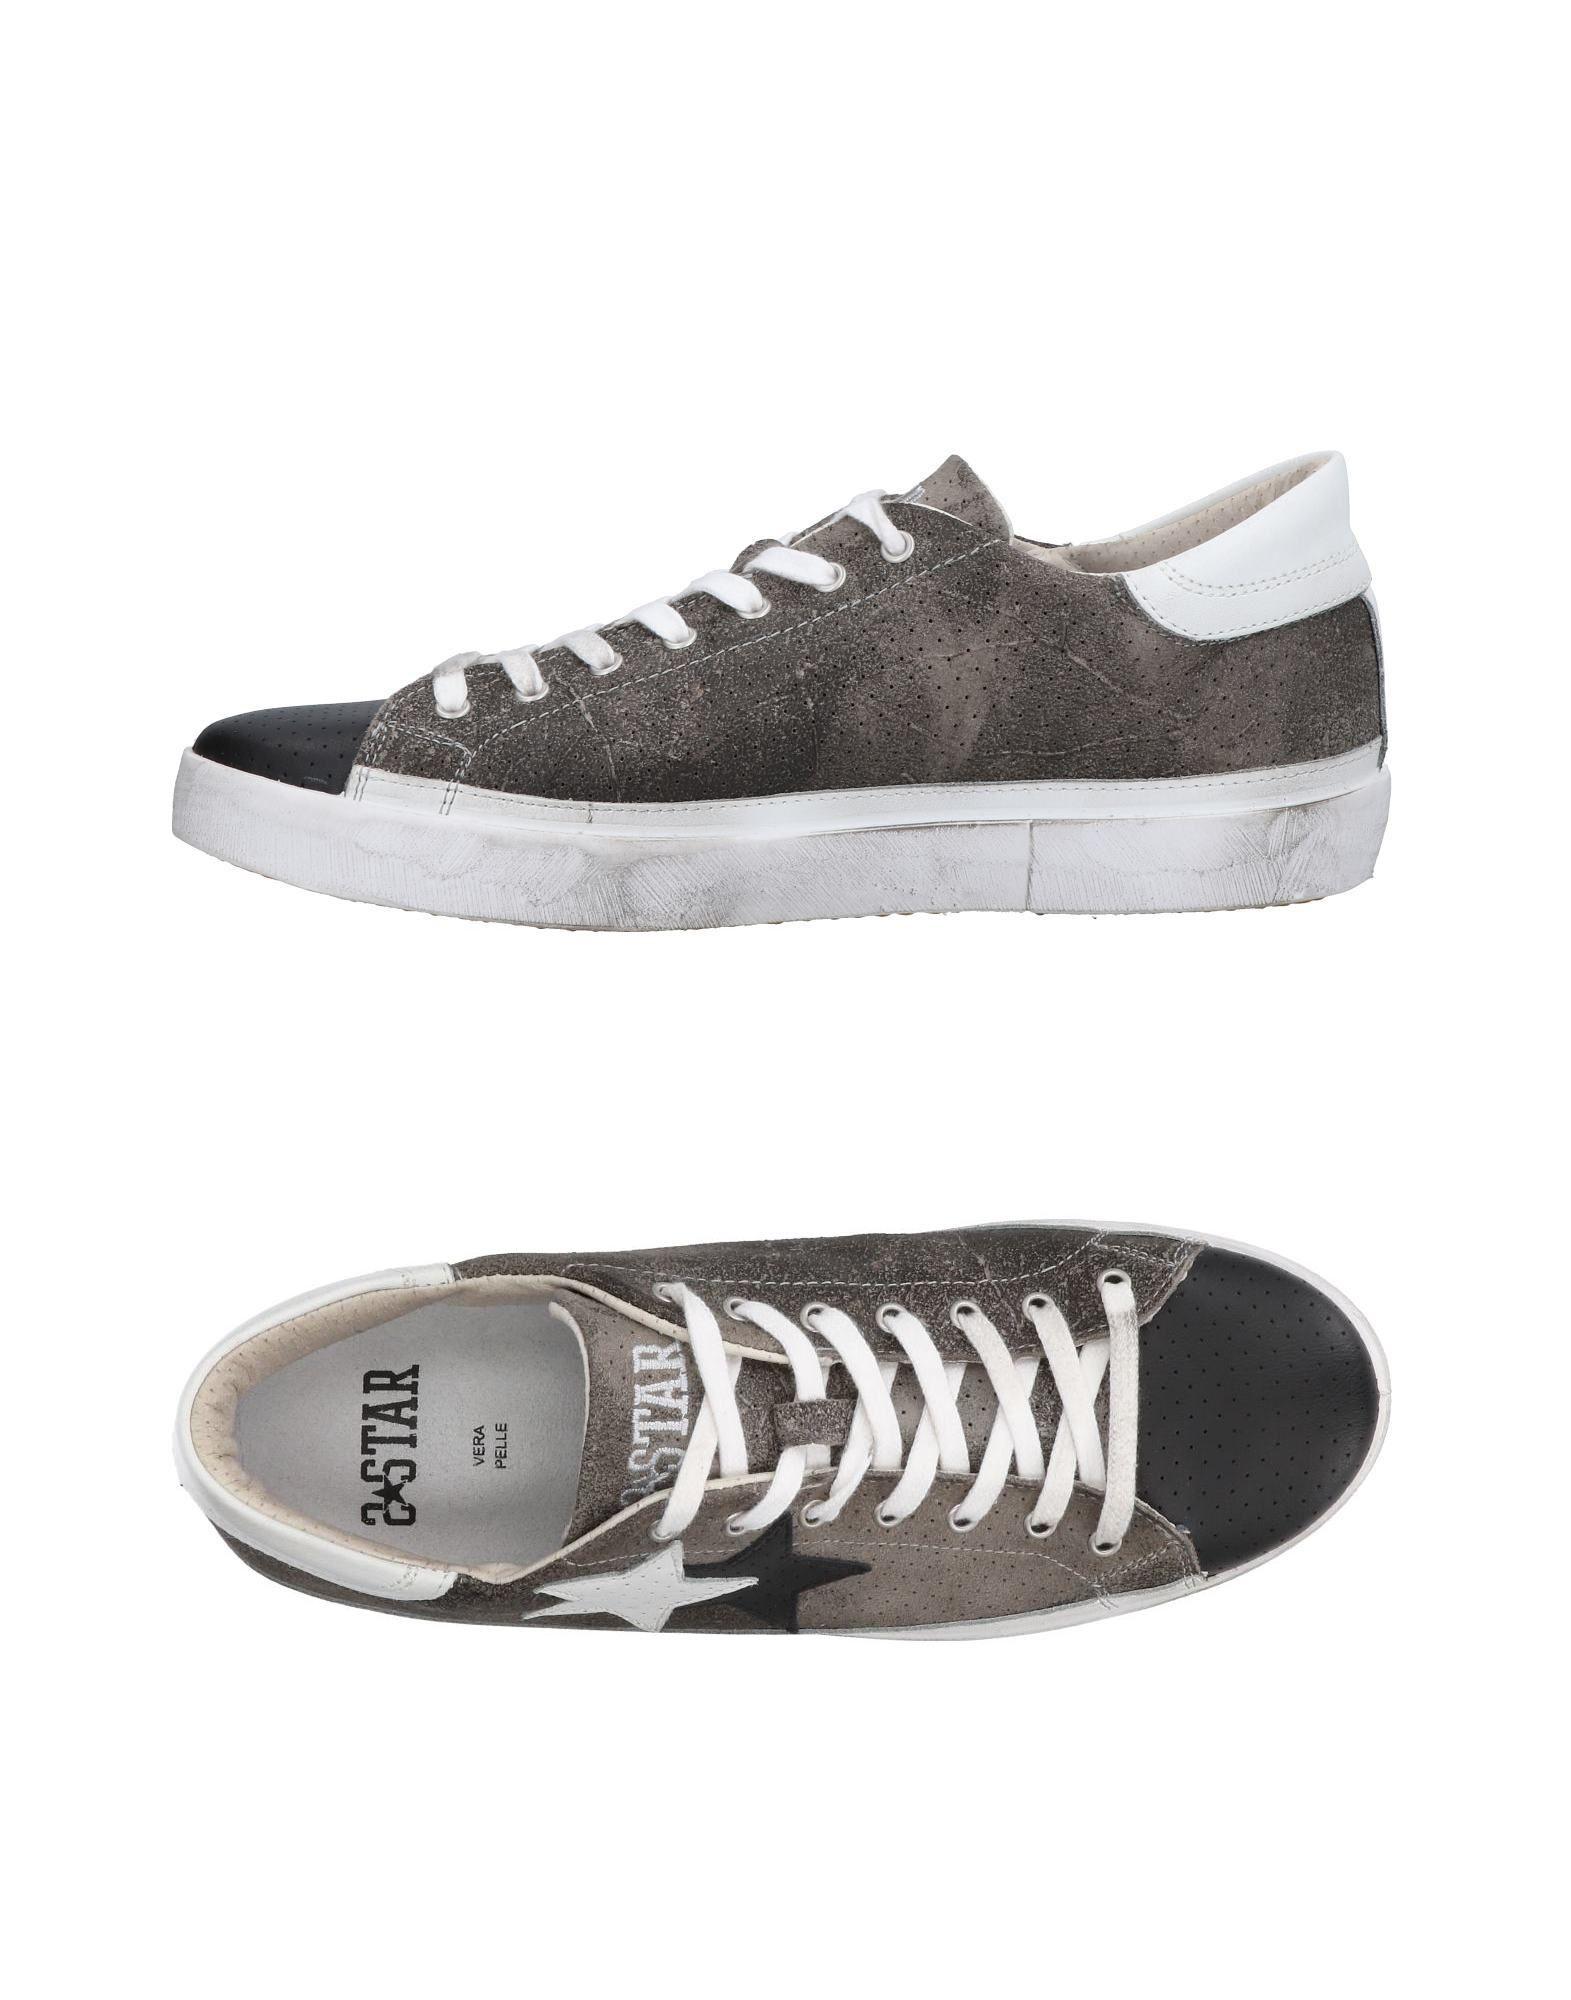 Moda Sneakers 2Star Uomo - 11482951SL